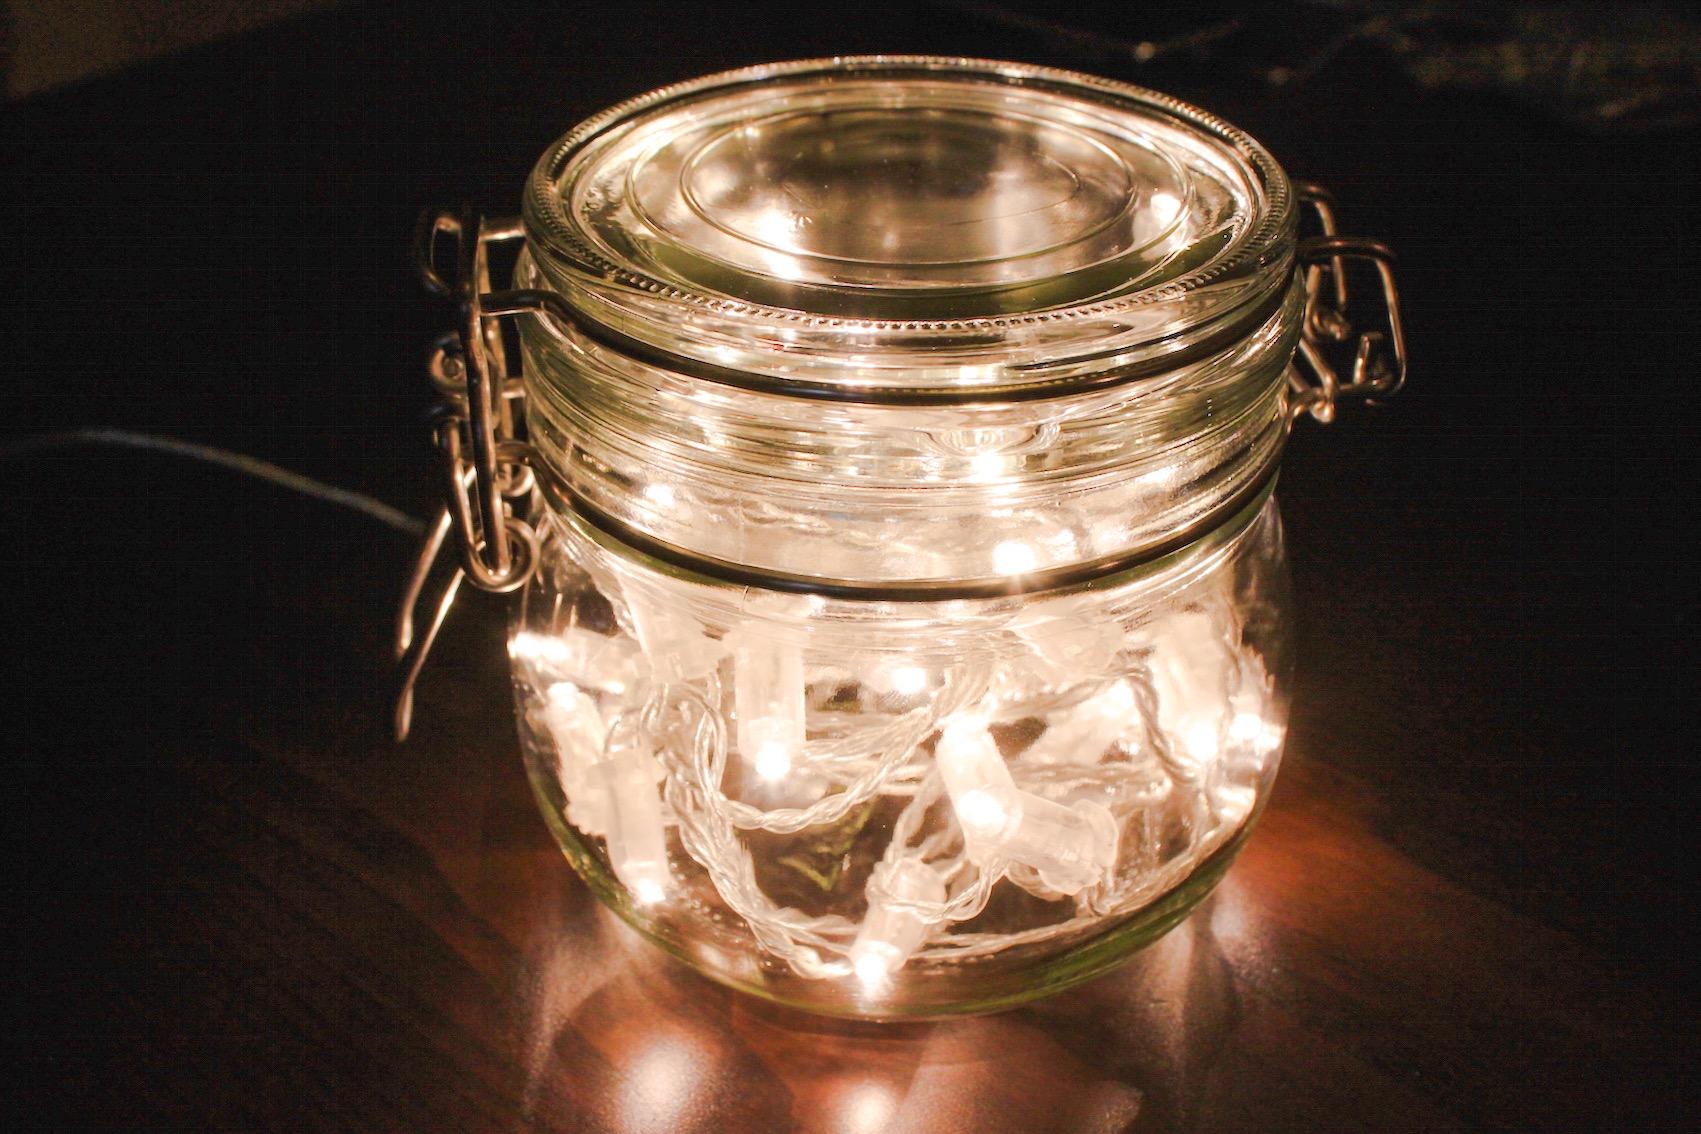 Lampada Barattolo Vetro : Lucine in un barattolo come realizzare la tua lampada via che si va